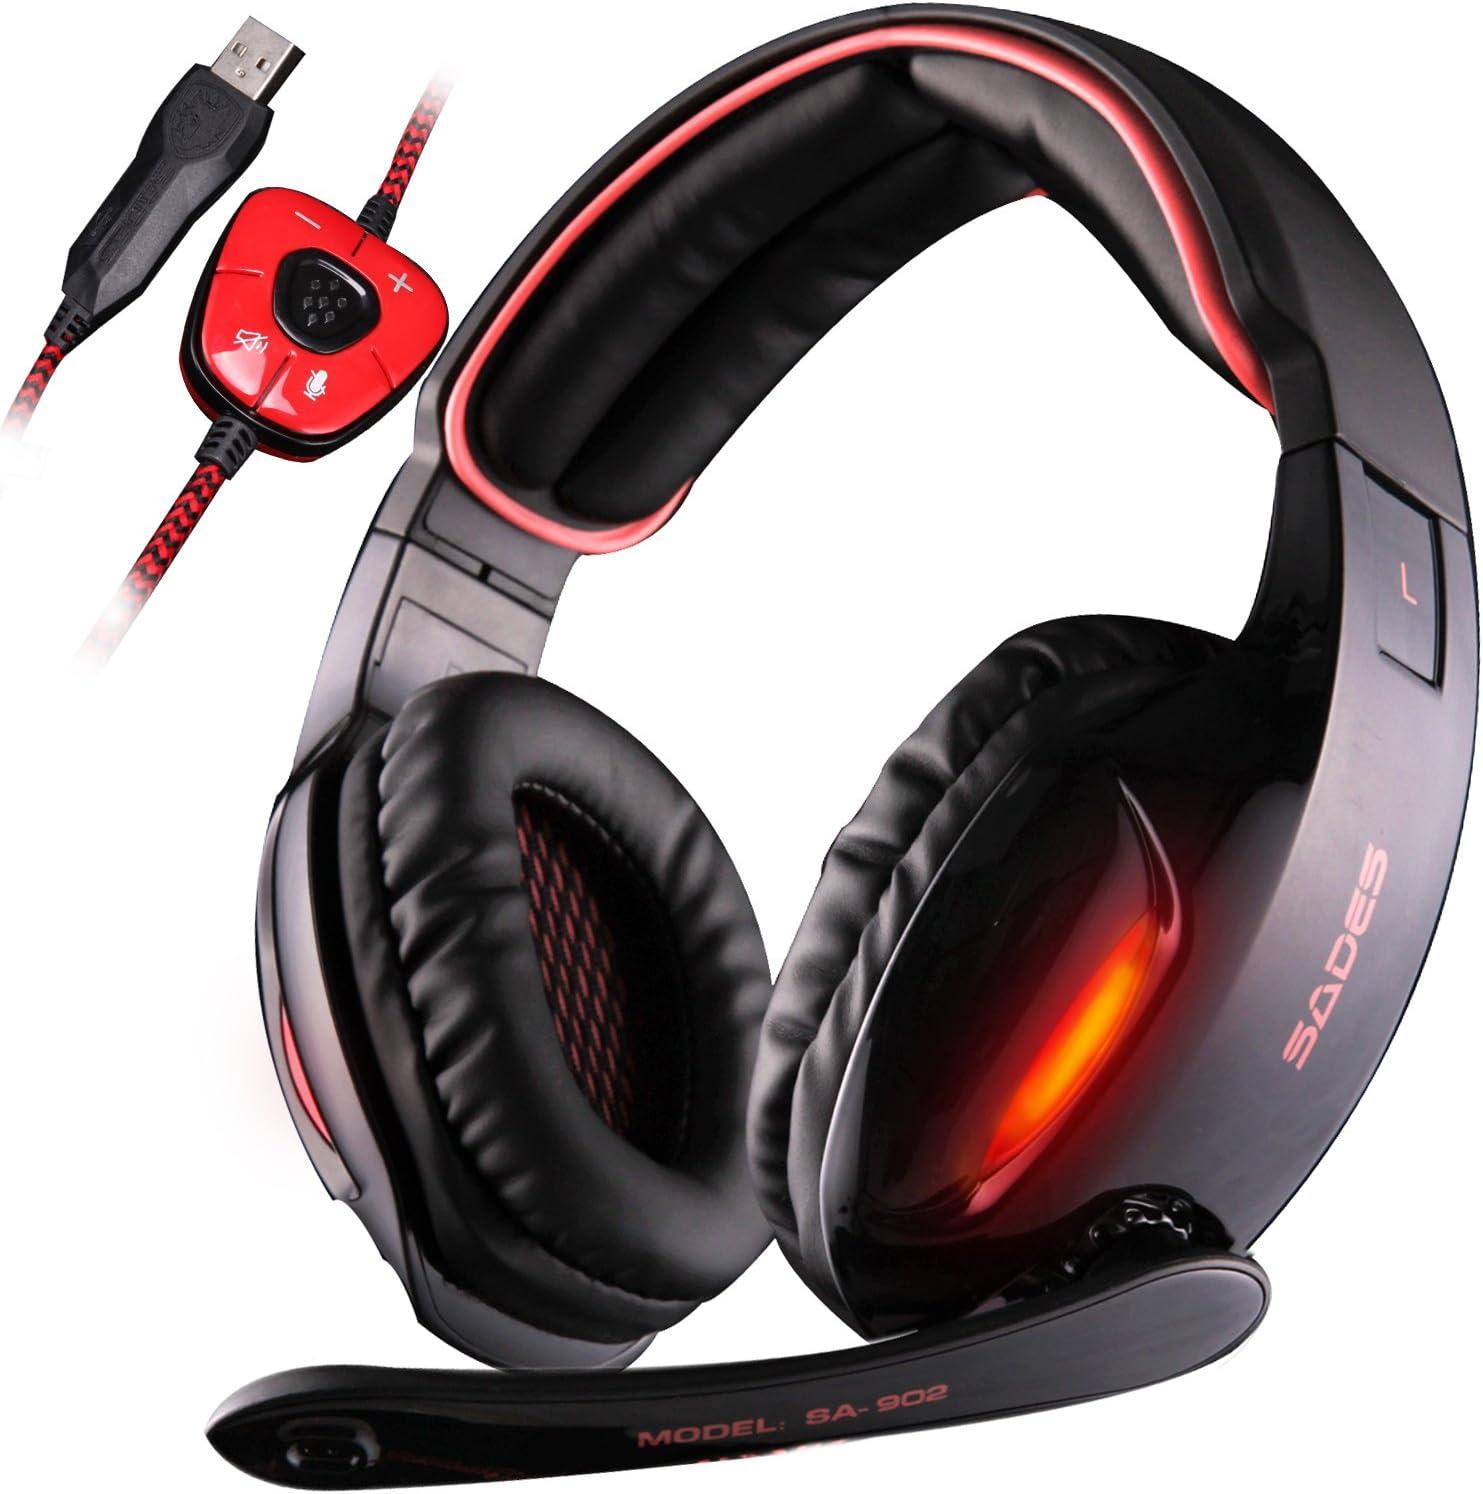 SADES SA 902 7.1 de sonido envolvente estéreo Pro USB PC Gaming Auriculares Cinta de cabeza de los auriculares con micrófono Deep Bass Over-the-Ear Control de volumen de las luces LED para jugadores d